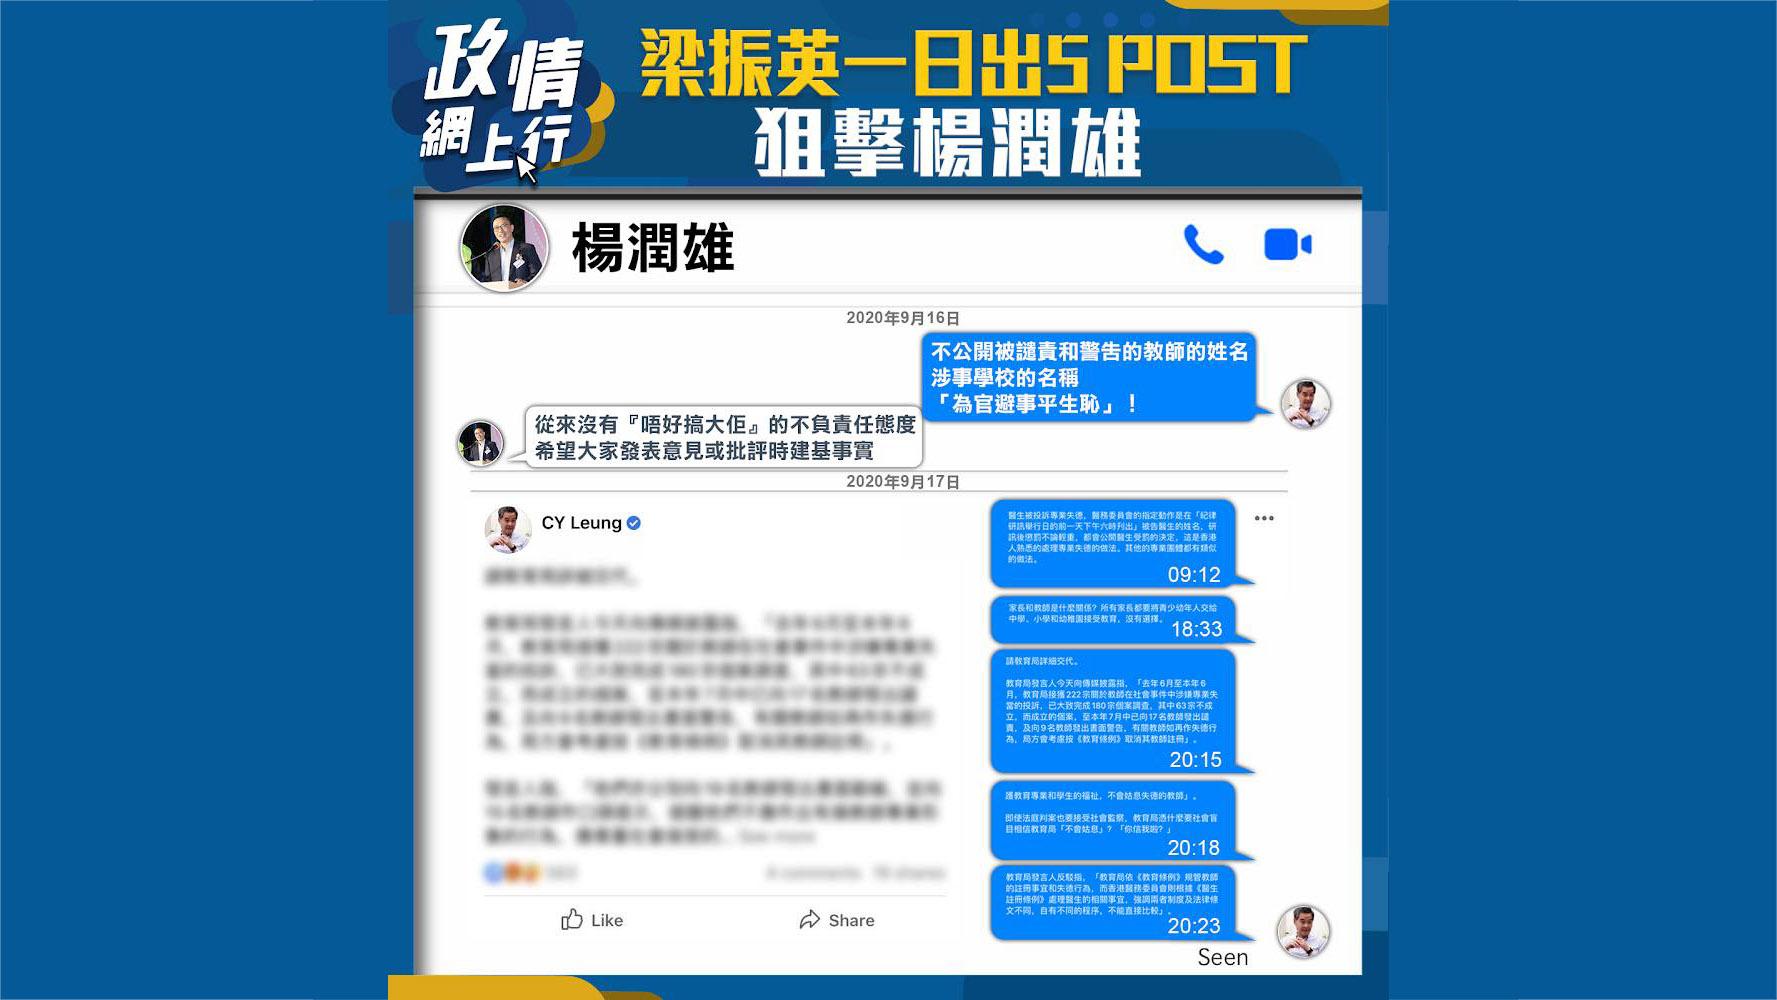 【政情網上行】梁振英一日出5 POST狙擊楊潤雄